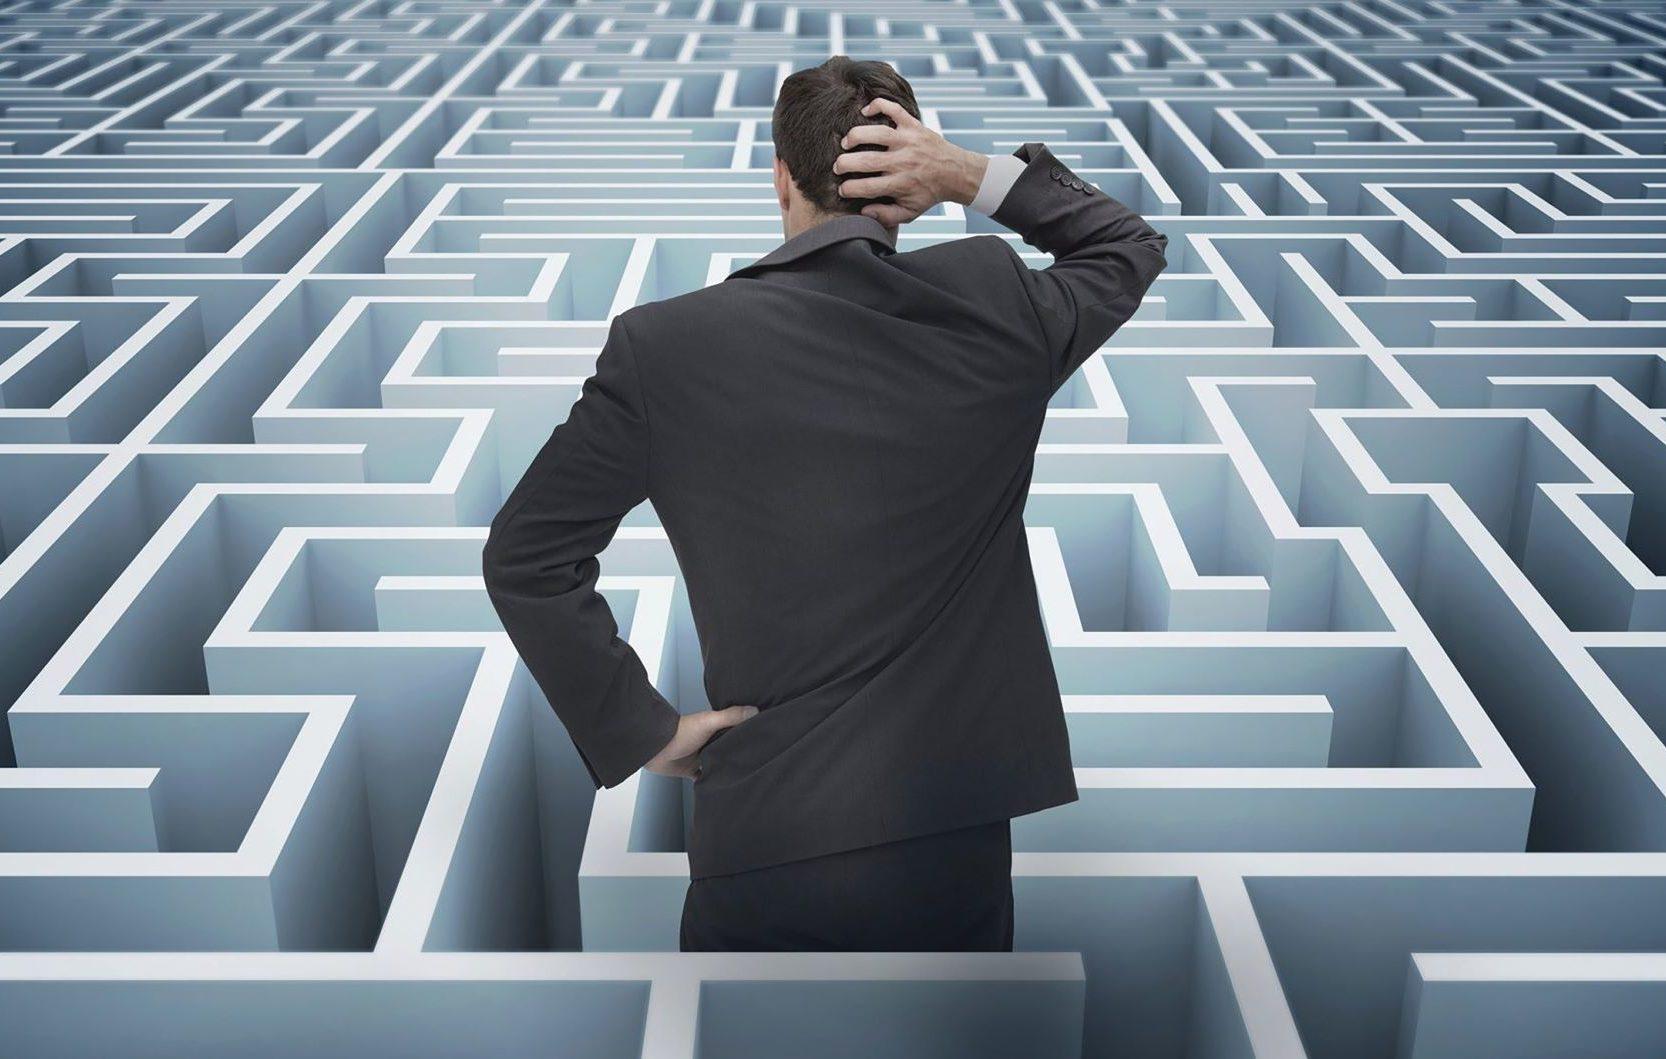 Анонс № 1 (53) 2020 г. журнала «Management», Дмитрий Егоров, теория ограничений, управление методологией поставок, повышение эффективности предприятий